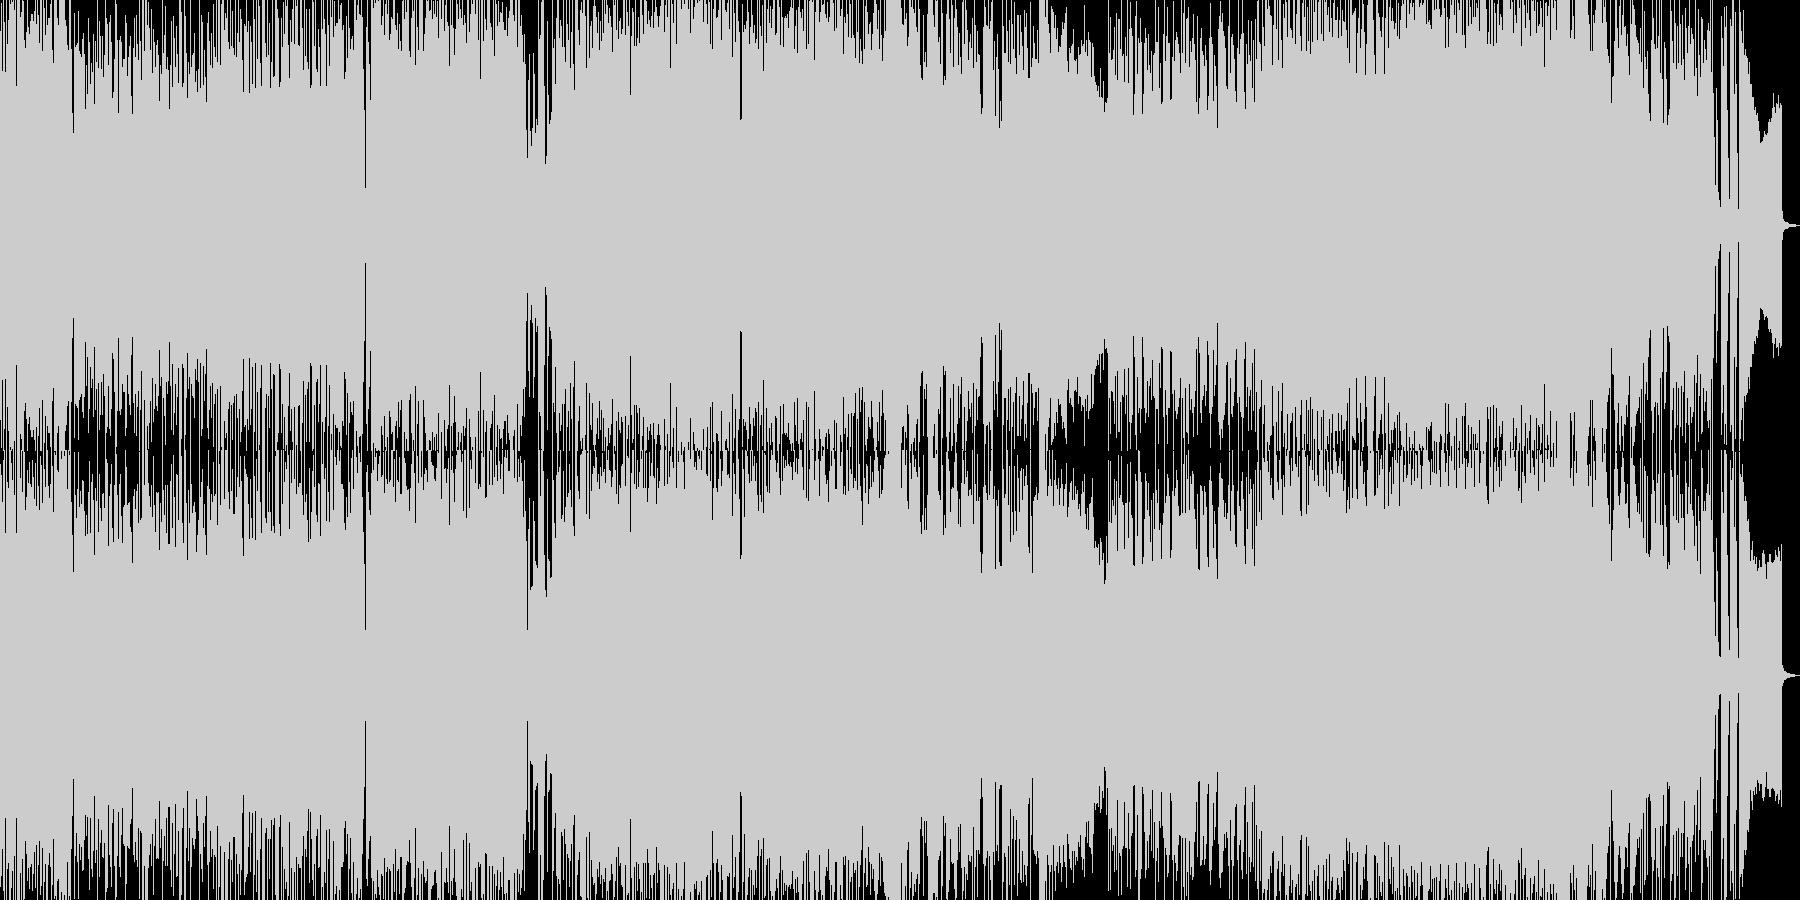 重厚なデジタルメタルの未再生の波形